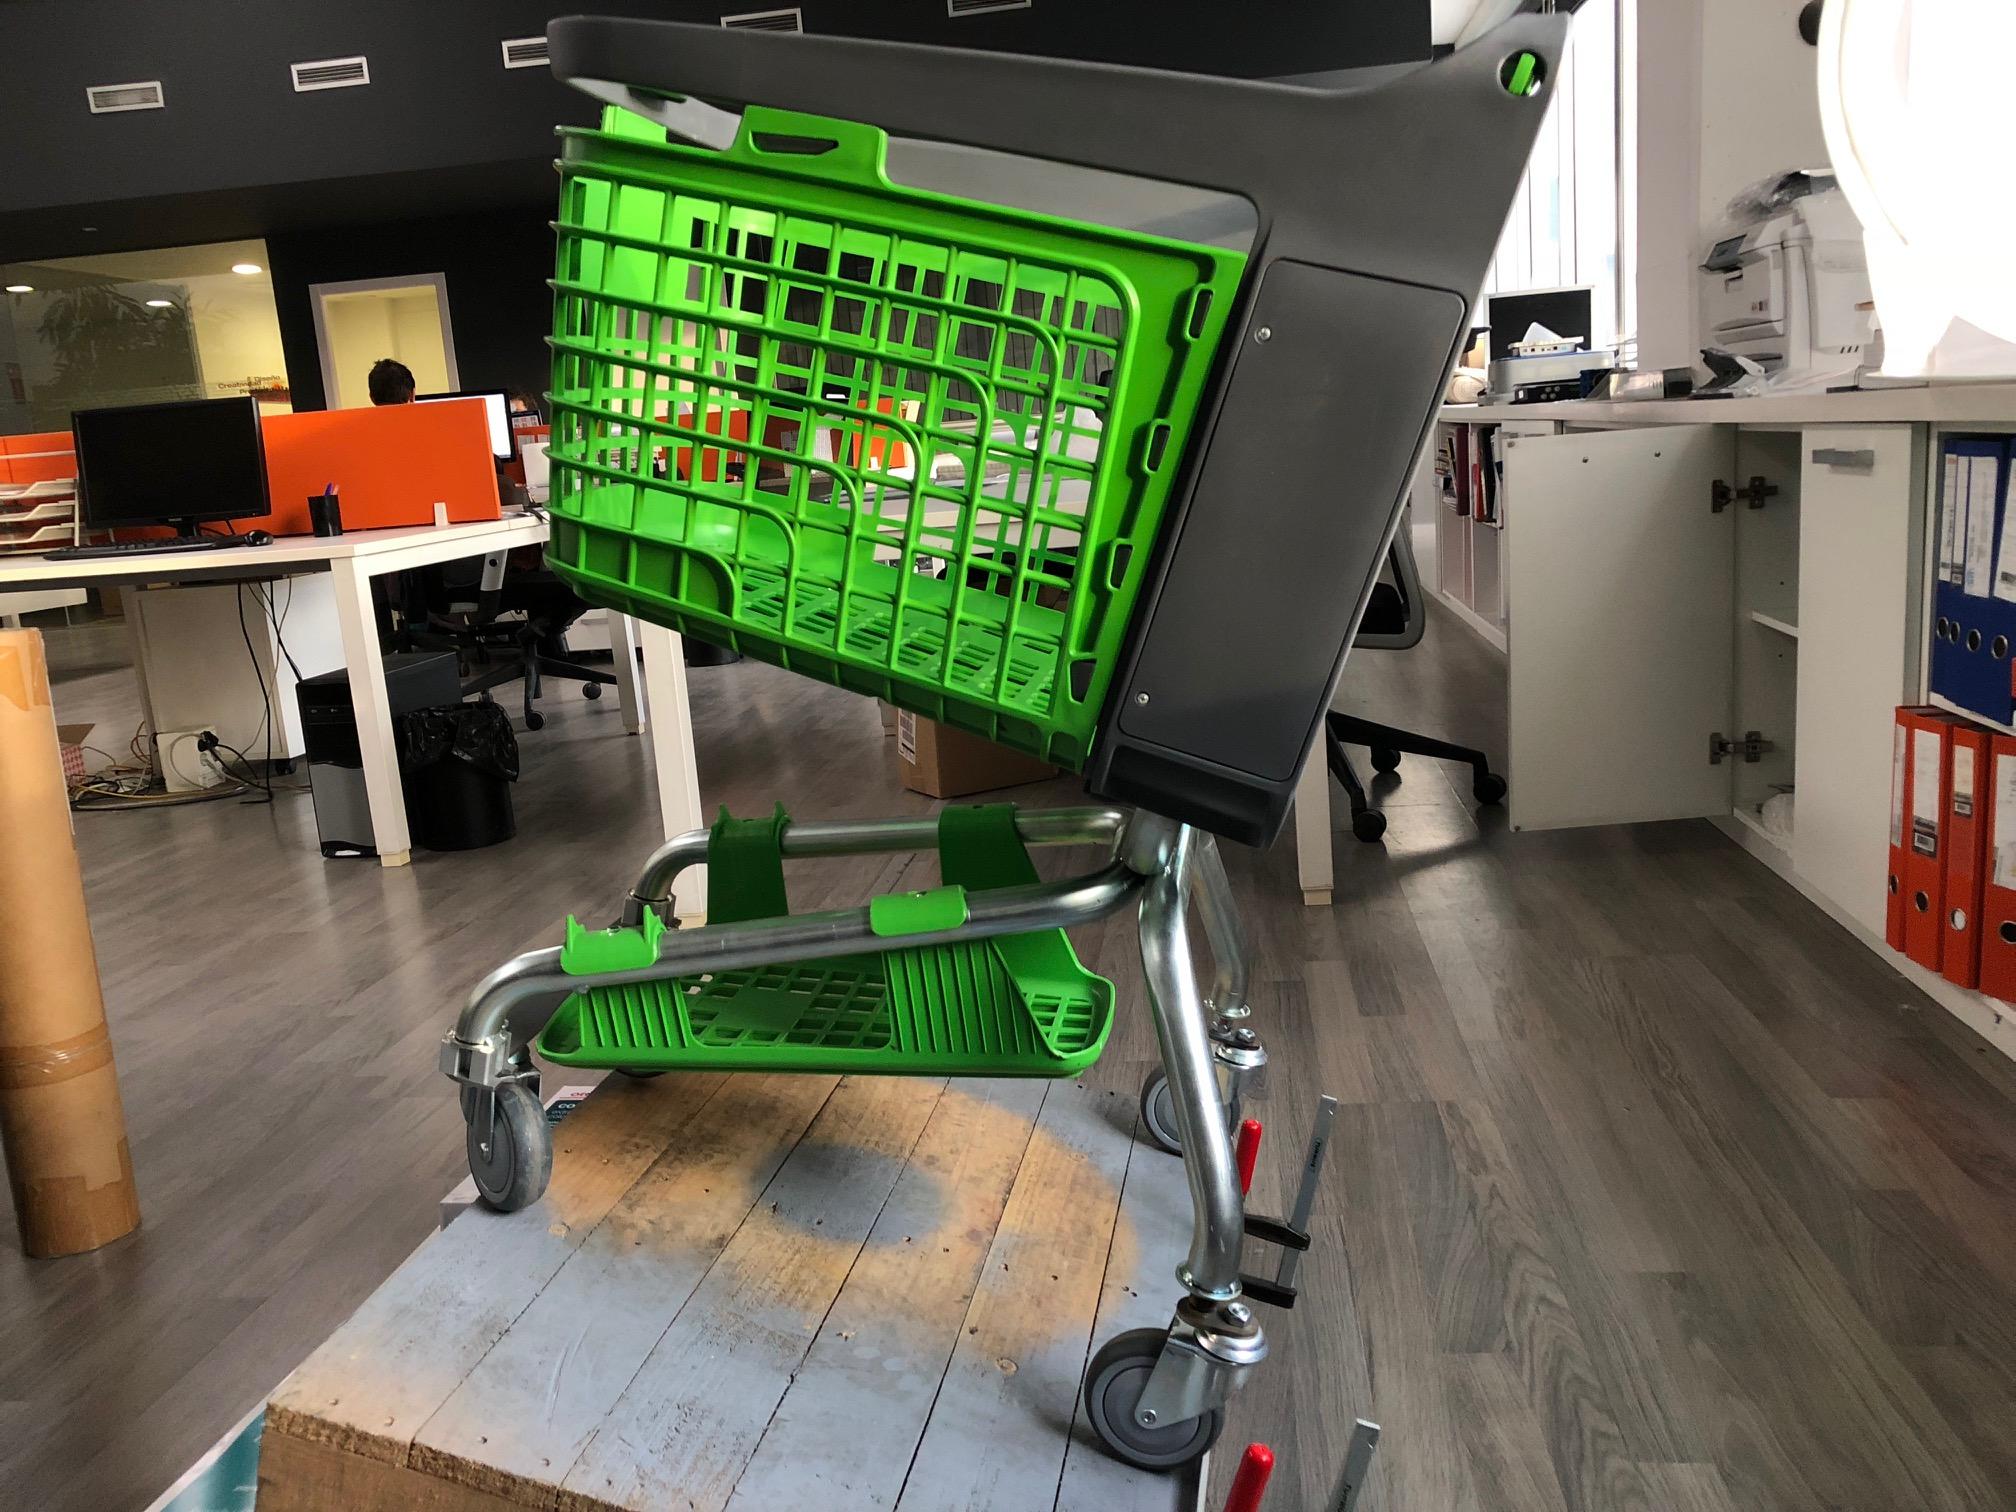 bravo-carrito-supermercado-test-prototipo-2